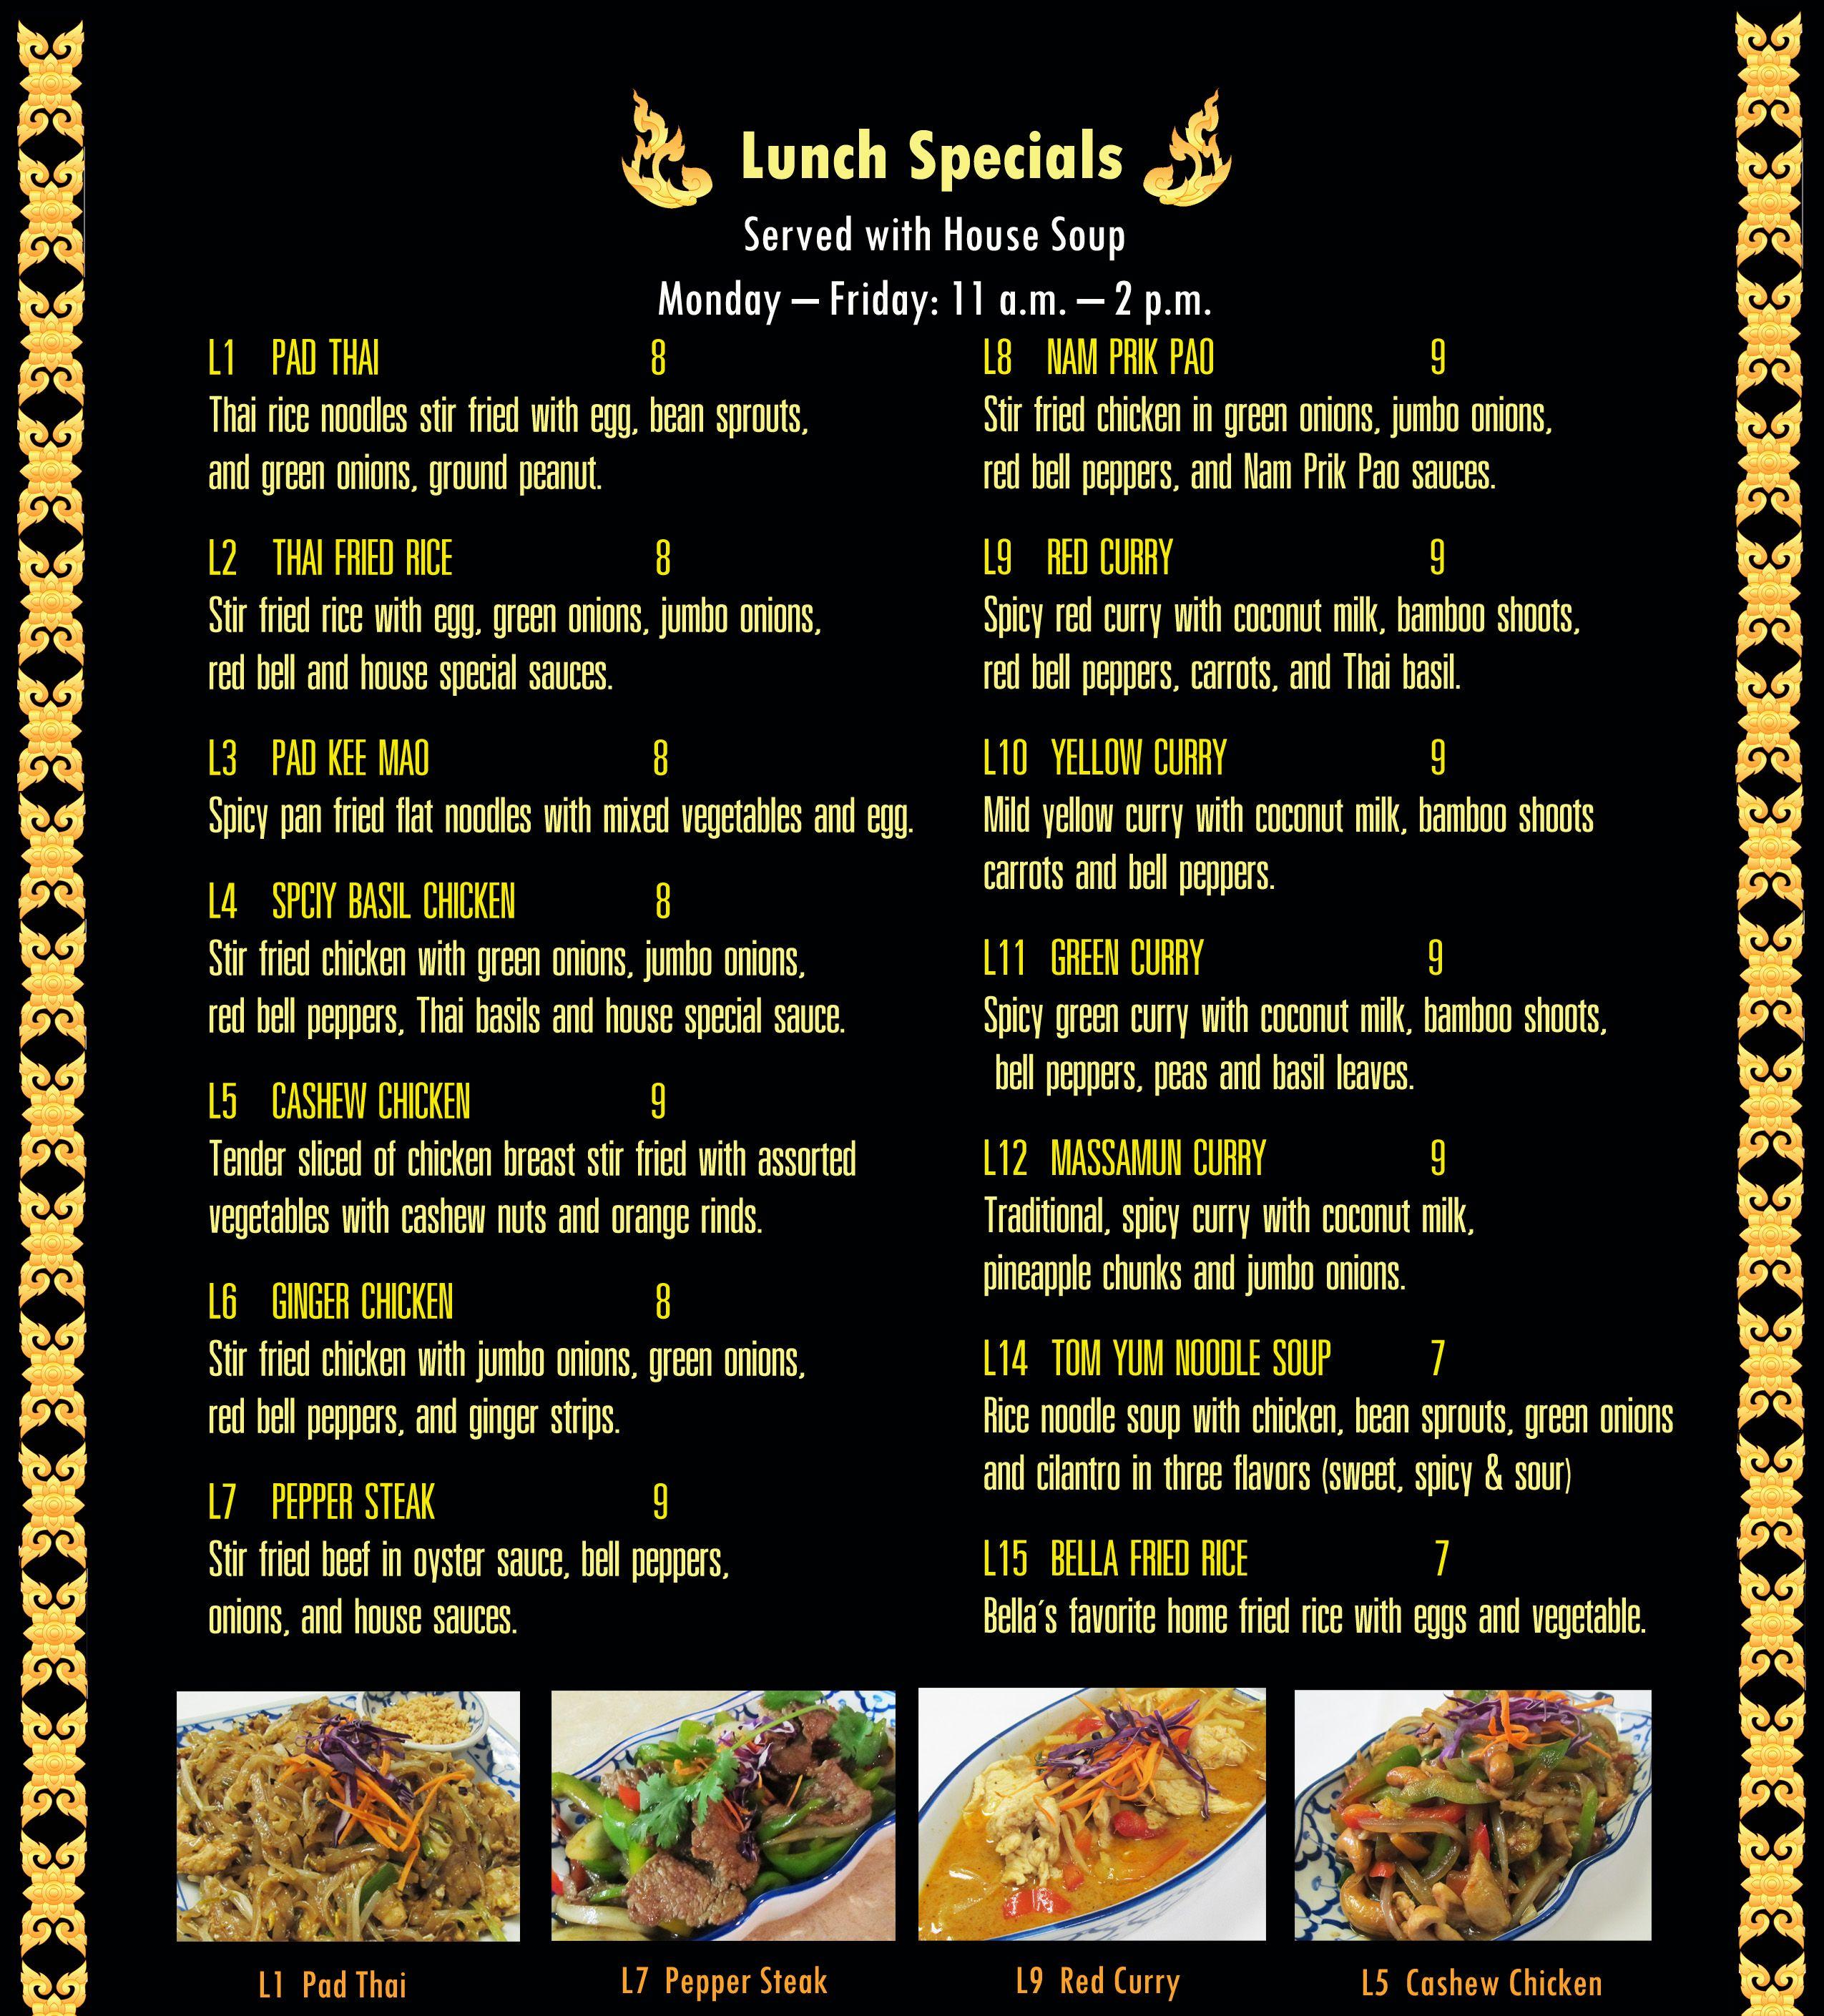 Sai Thai Cuisine Menu One Of My Favorite Restaurants In Town Chicken Stir Fry Lunch Specials Stir Fry With Egg